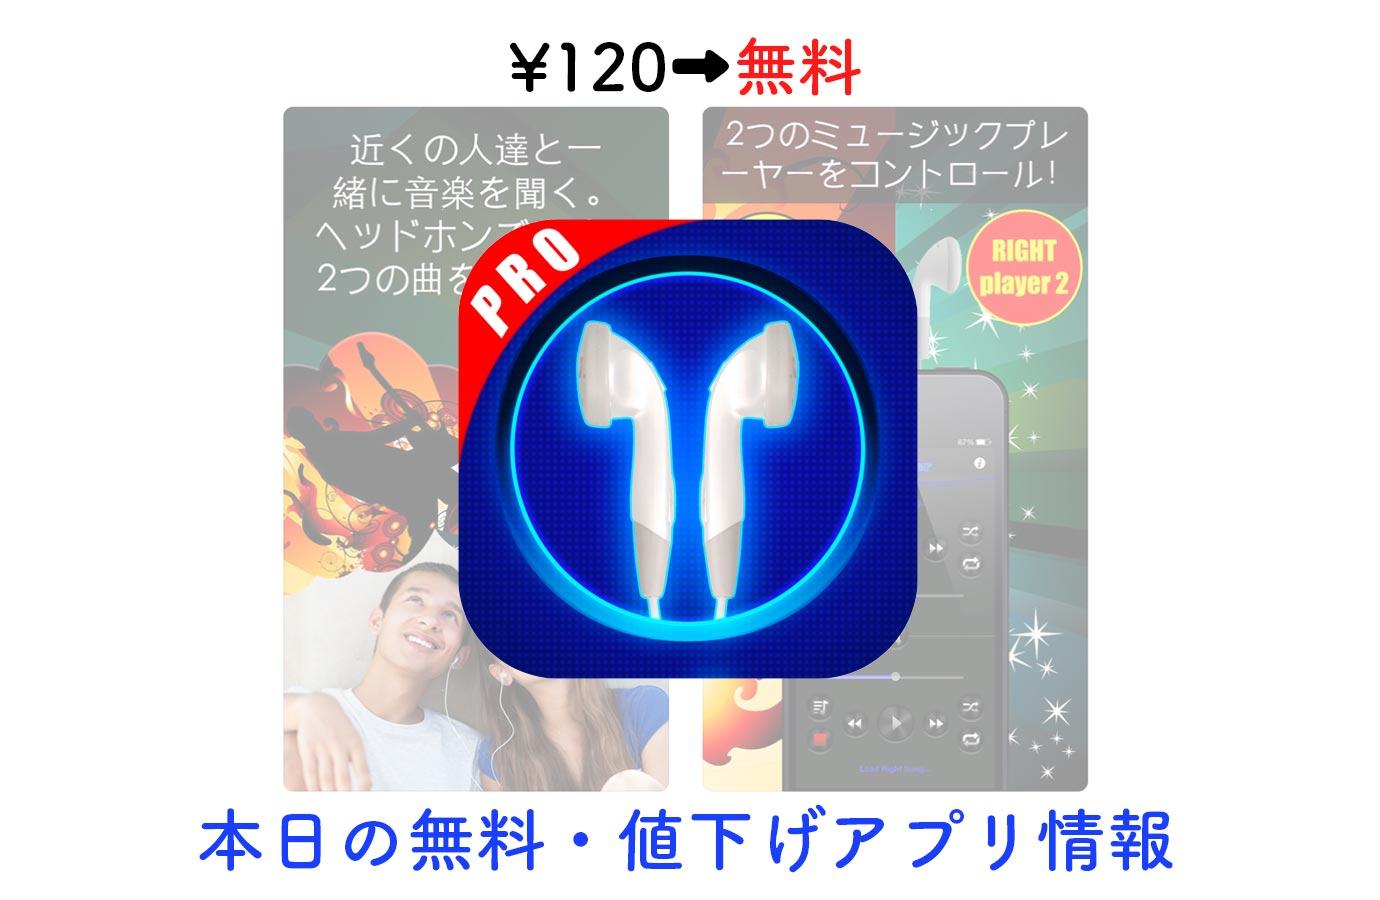 ¥120→無料、イヤホンの左右から別々の曲が流せる「Double Player for Music with Headphones Pro」など【2/21】本日の無料・値下げアプリ情報